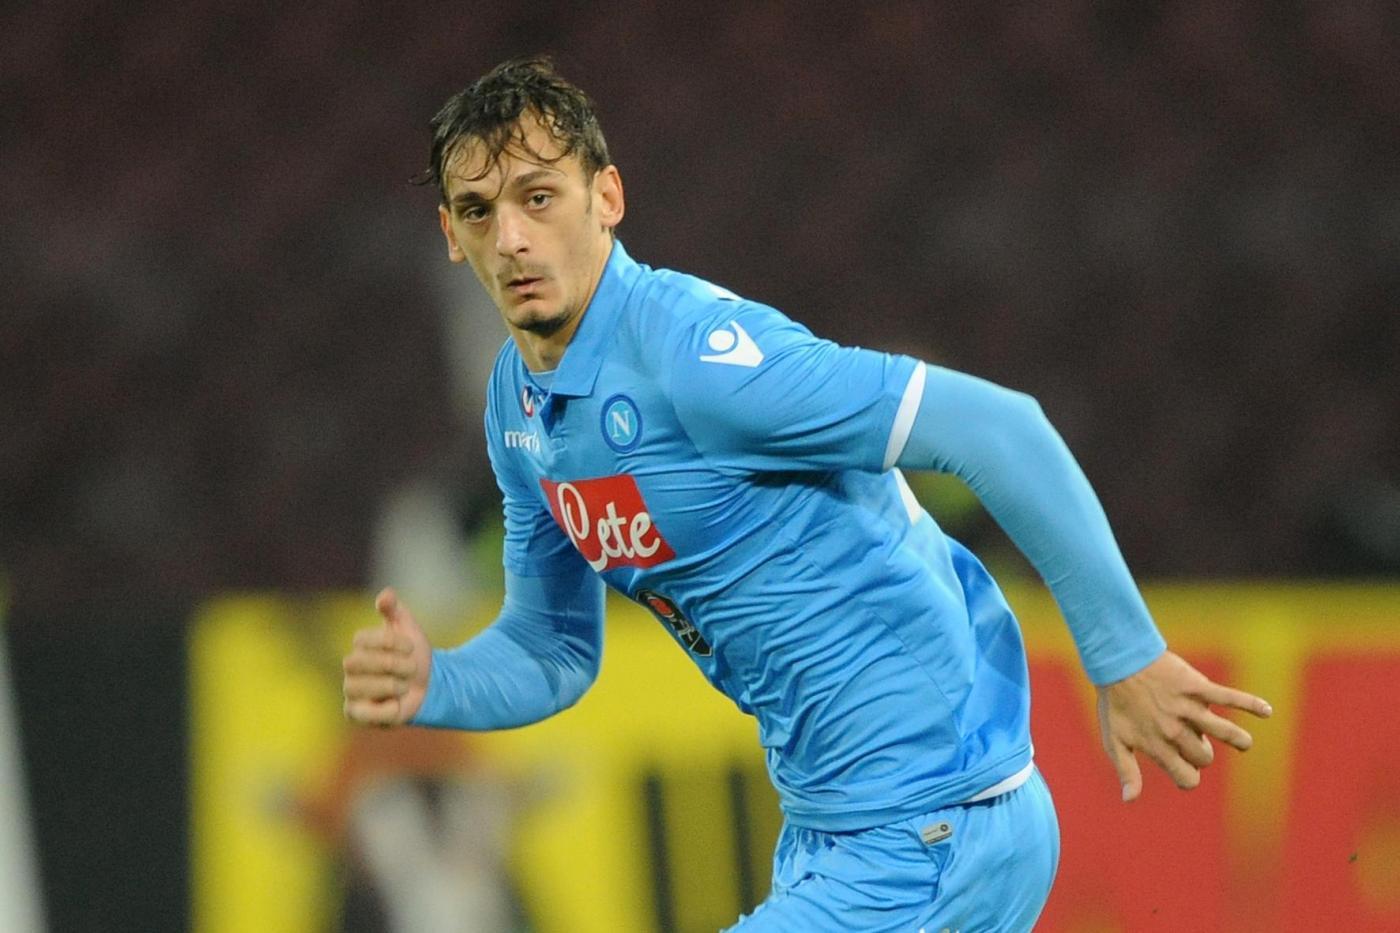 Calciomercato-Napoli: Milan su Gabbiadini, pronta l'offerta